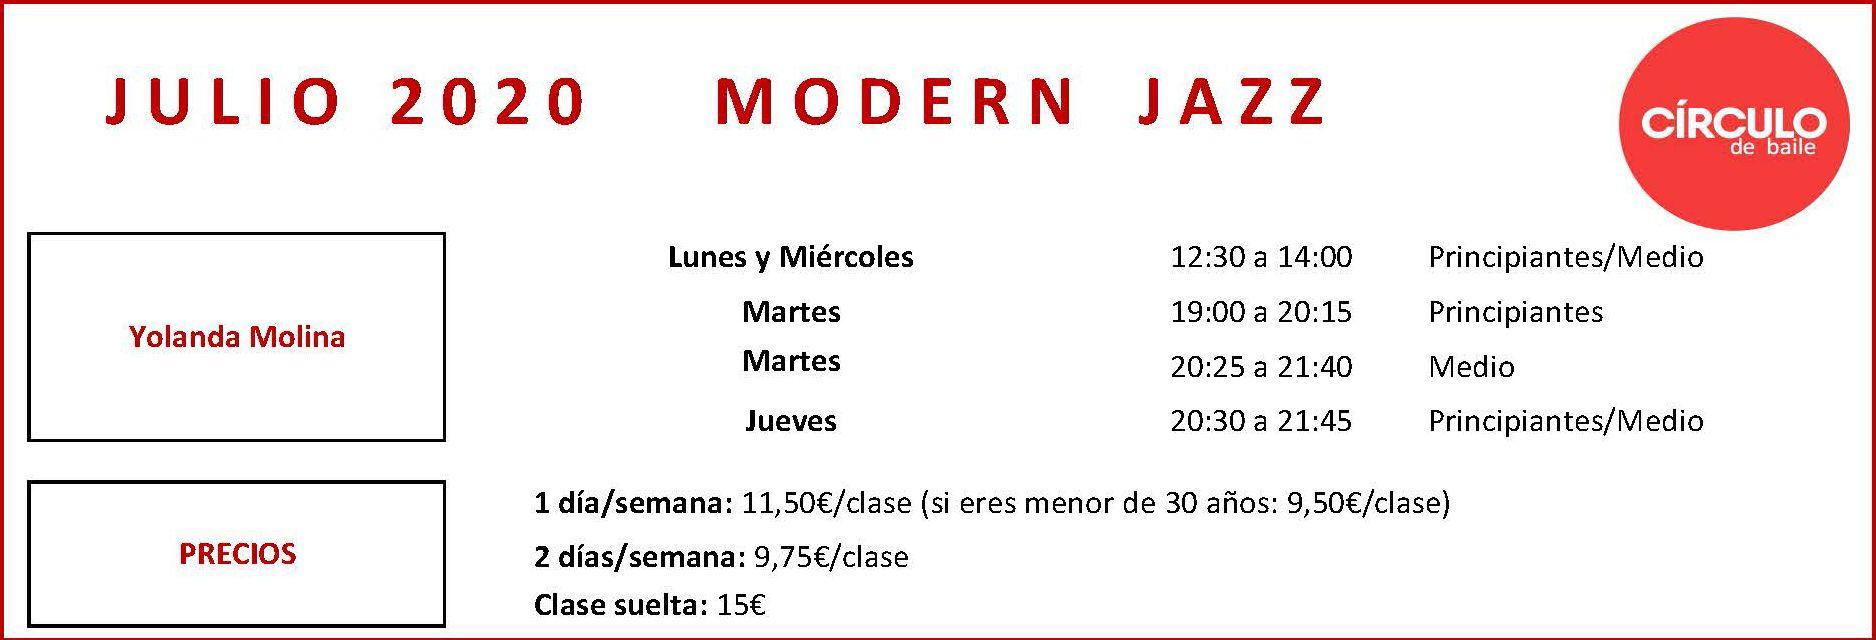 Cursos de Modern Jazz de Yolanda en julio de 2020 en Circulo de Baile